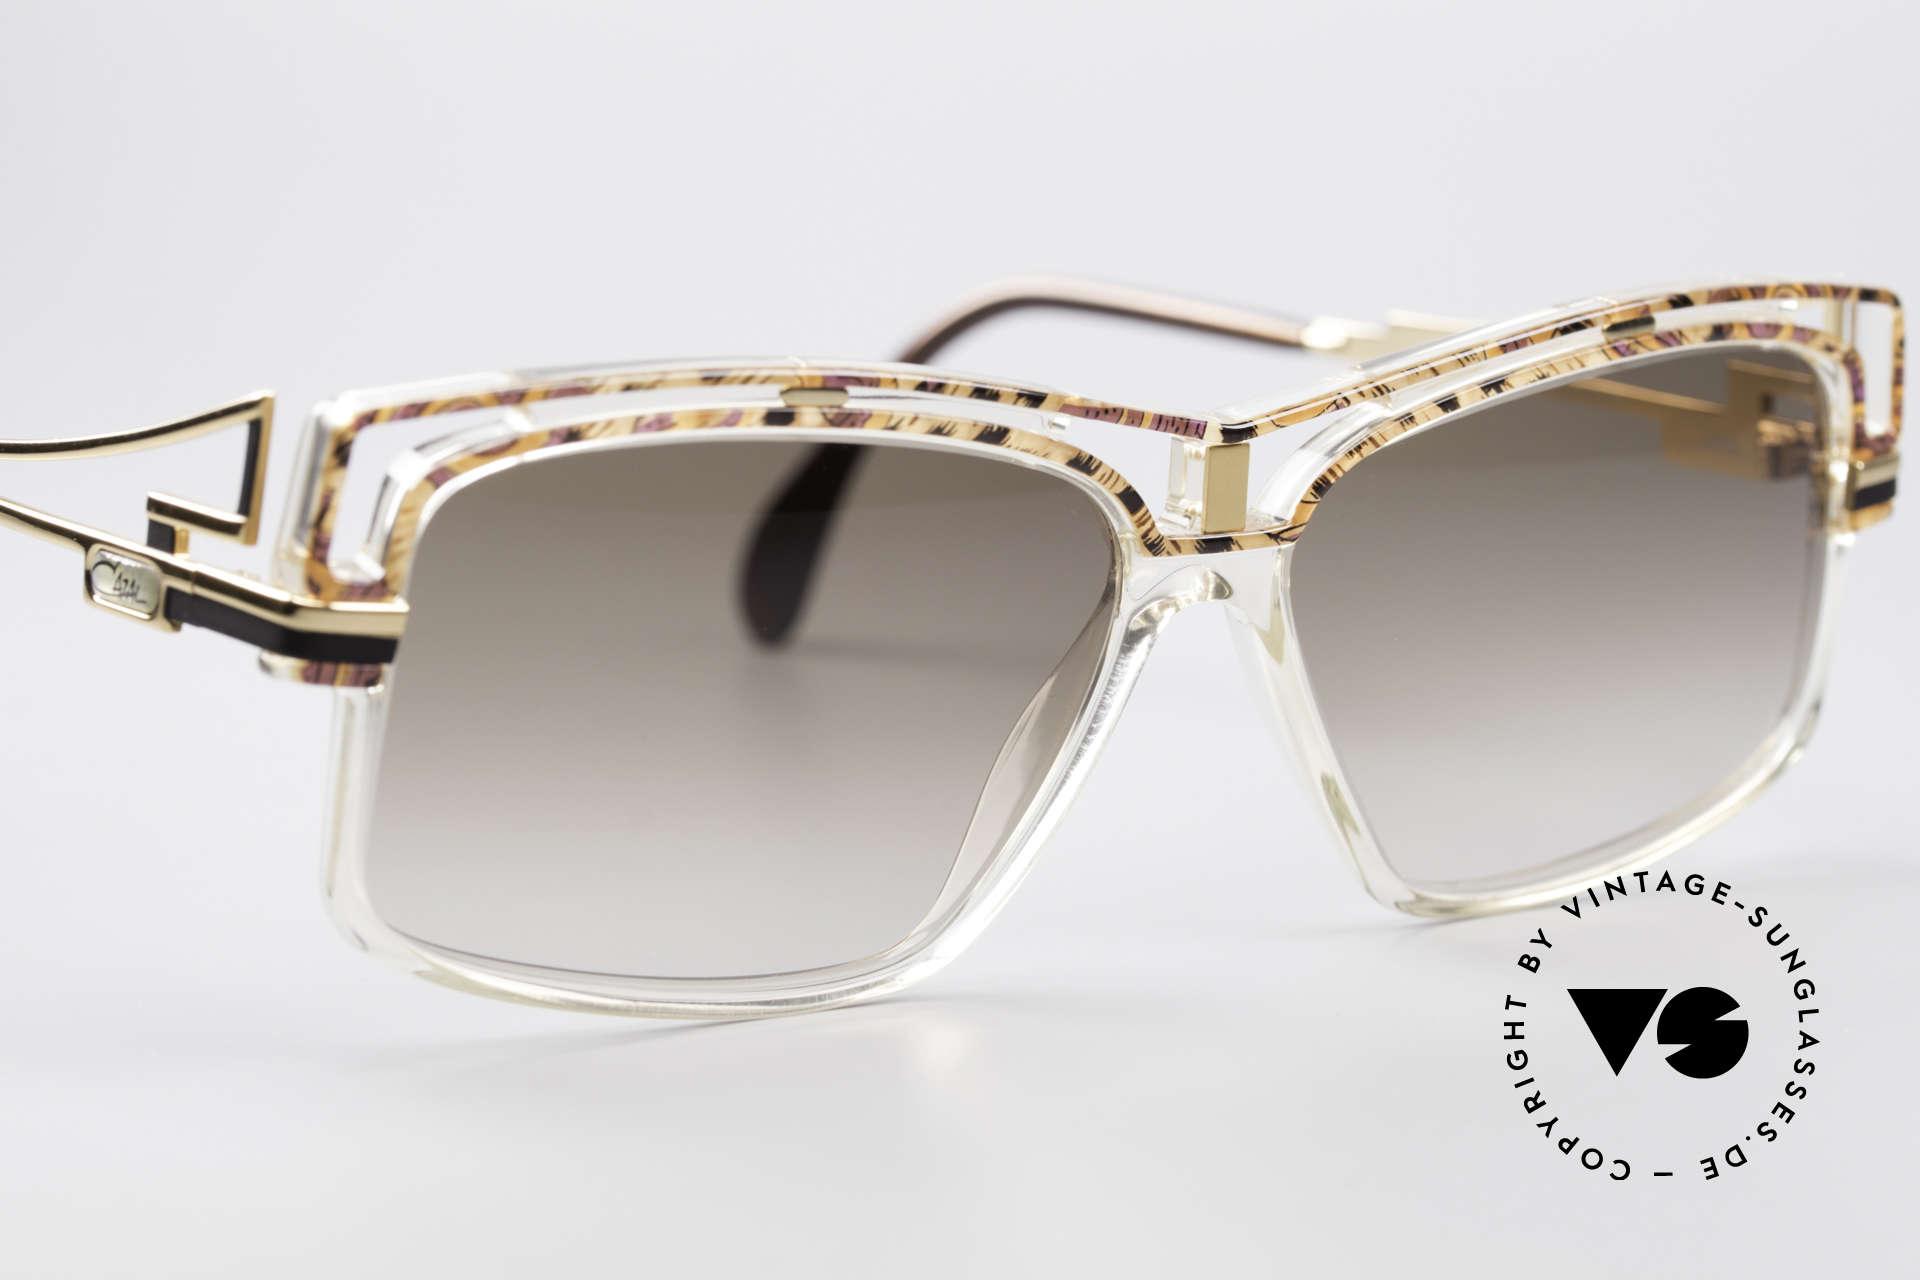 Cazal 365 Vintage No Retro Sonnenbrille, ungetragen (wie alle unsere vintage CAZAL Brillen), Passend für Herren und Damen